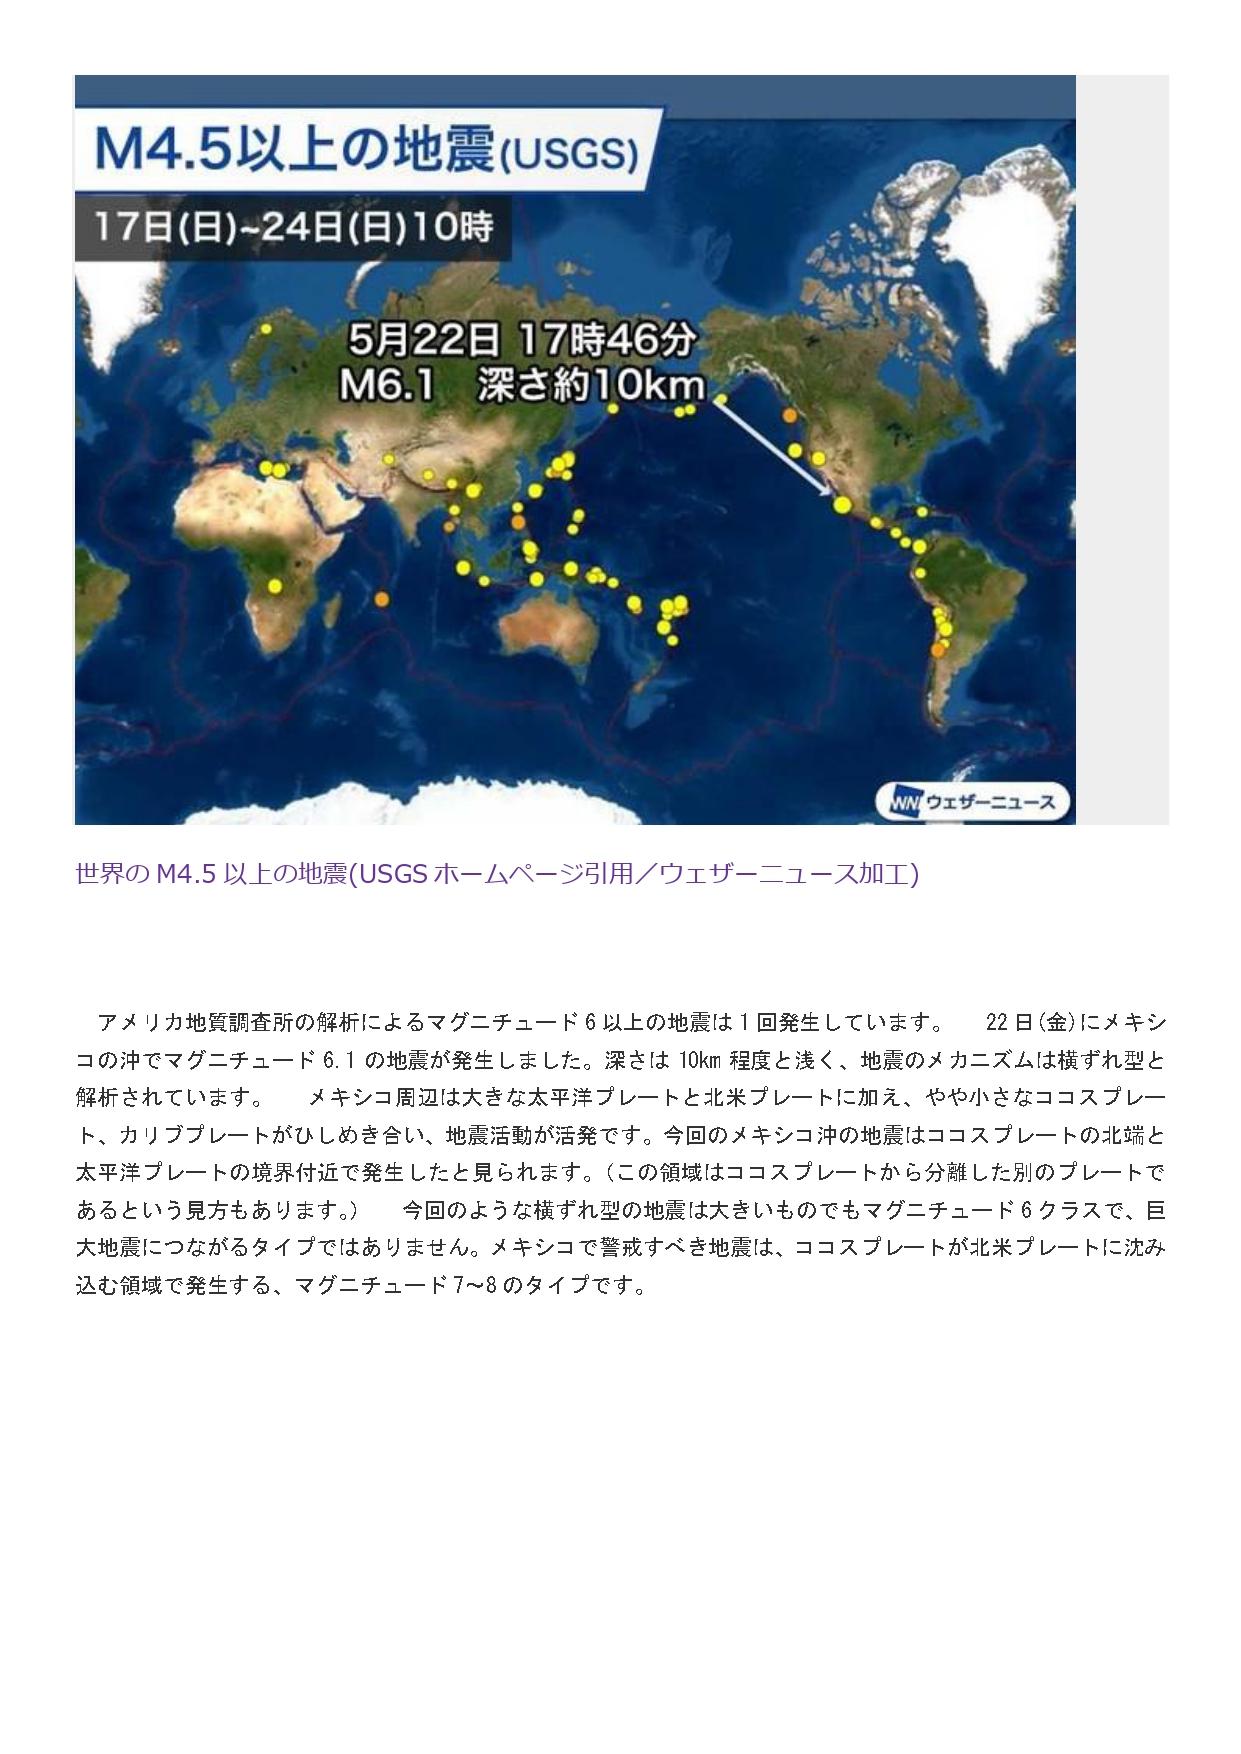 5月25日掲載 世界地震